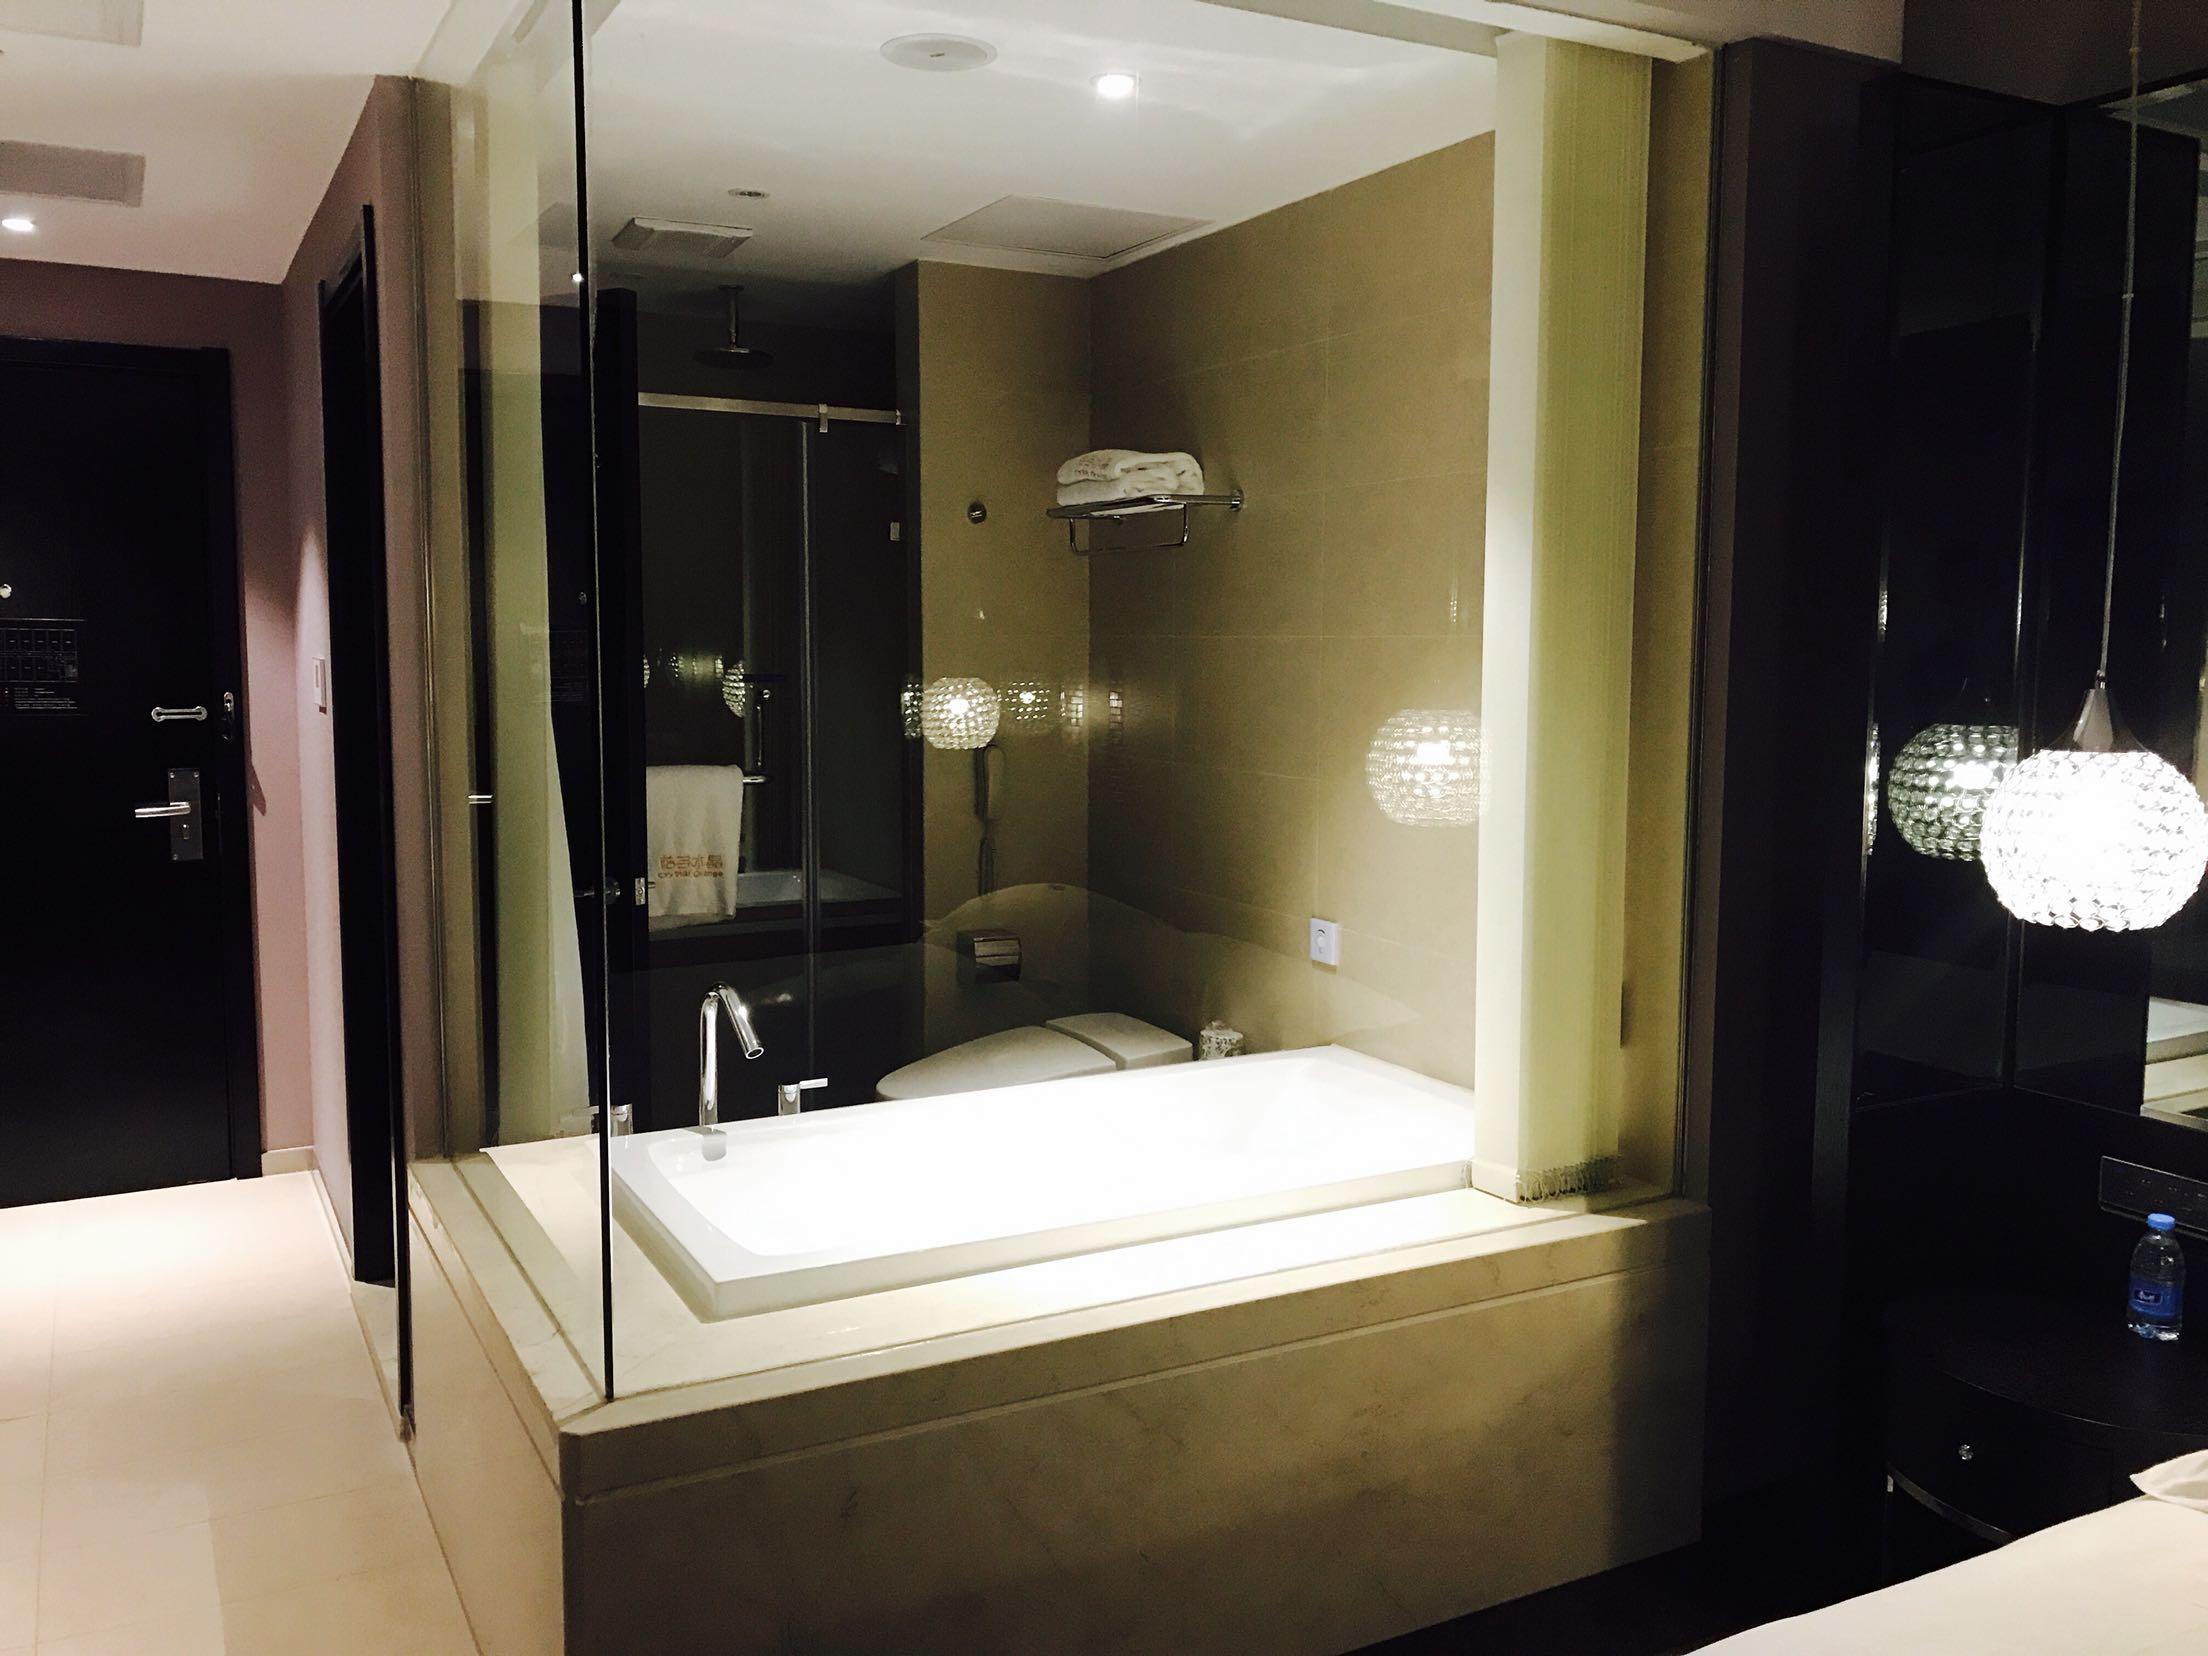 酒店情趣水晶(万州迪斯尼周浦万达店)v酒店_桔桔子上海重庆酒店图片